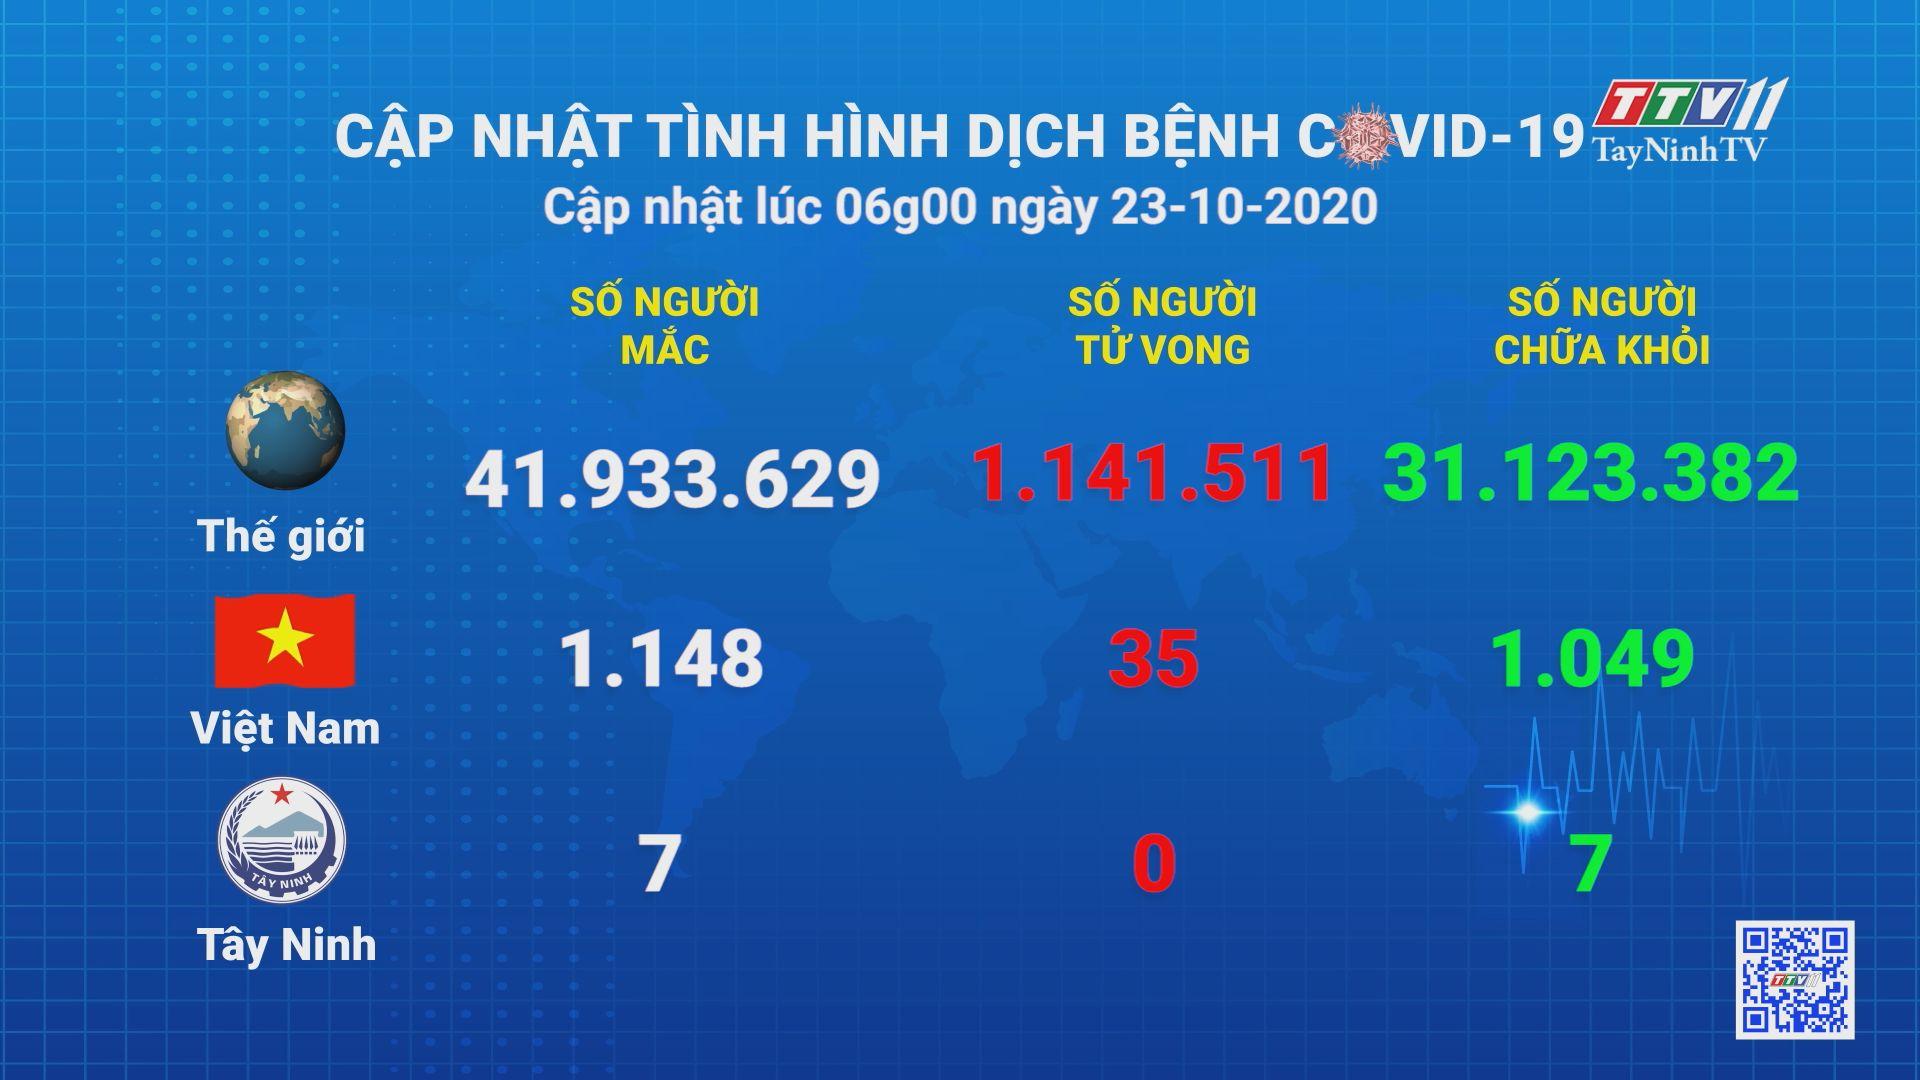 Cập nhật tình hình Covid-19 vào lúc 06 giờ 23-10-2020 | Thông tin dịch Covid-19 | TayNinhTV